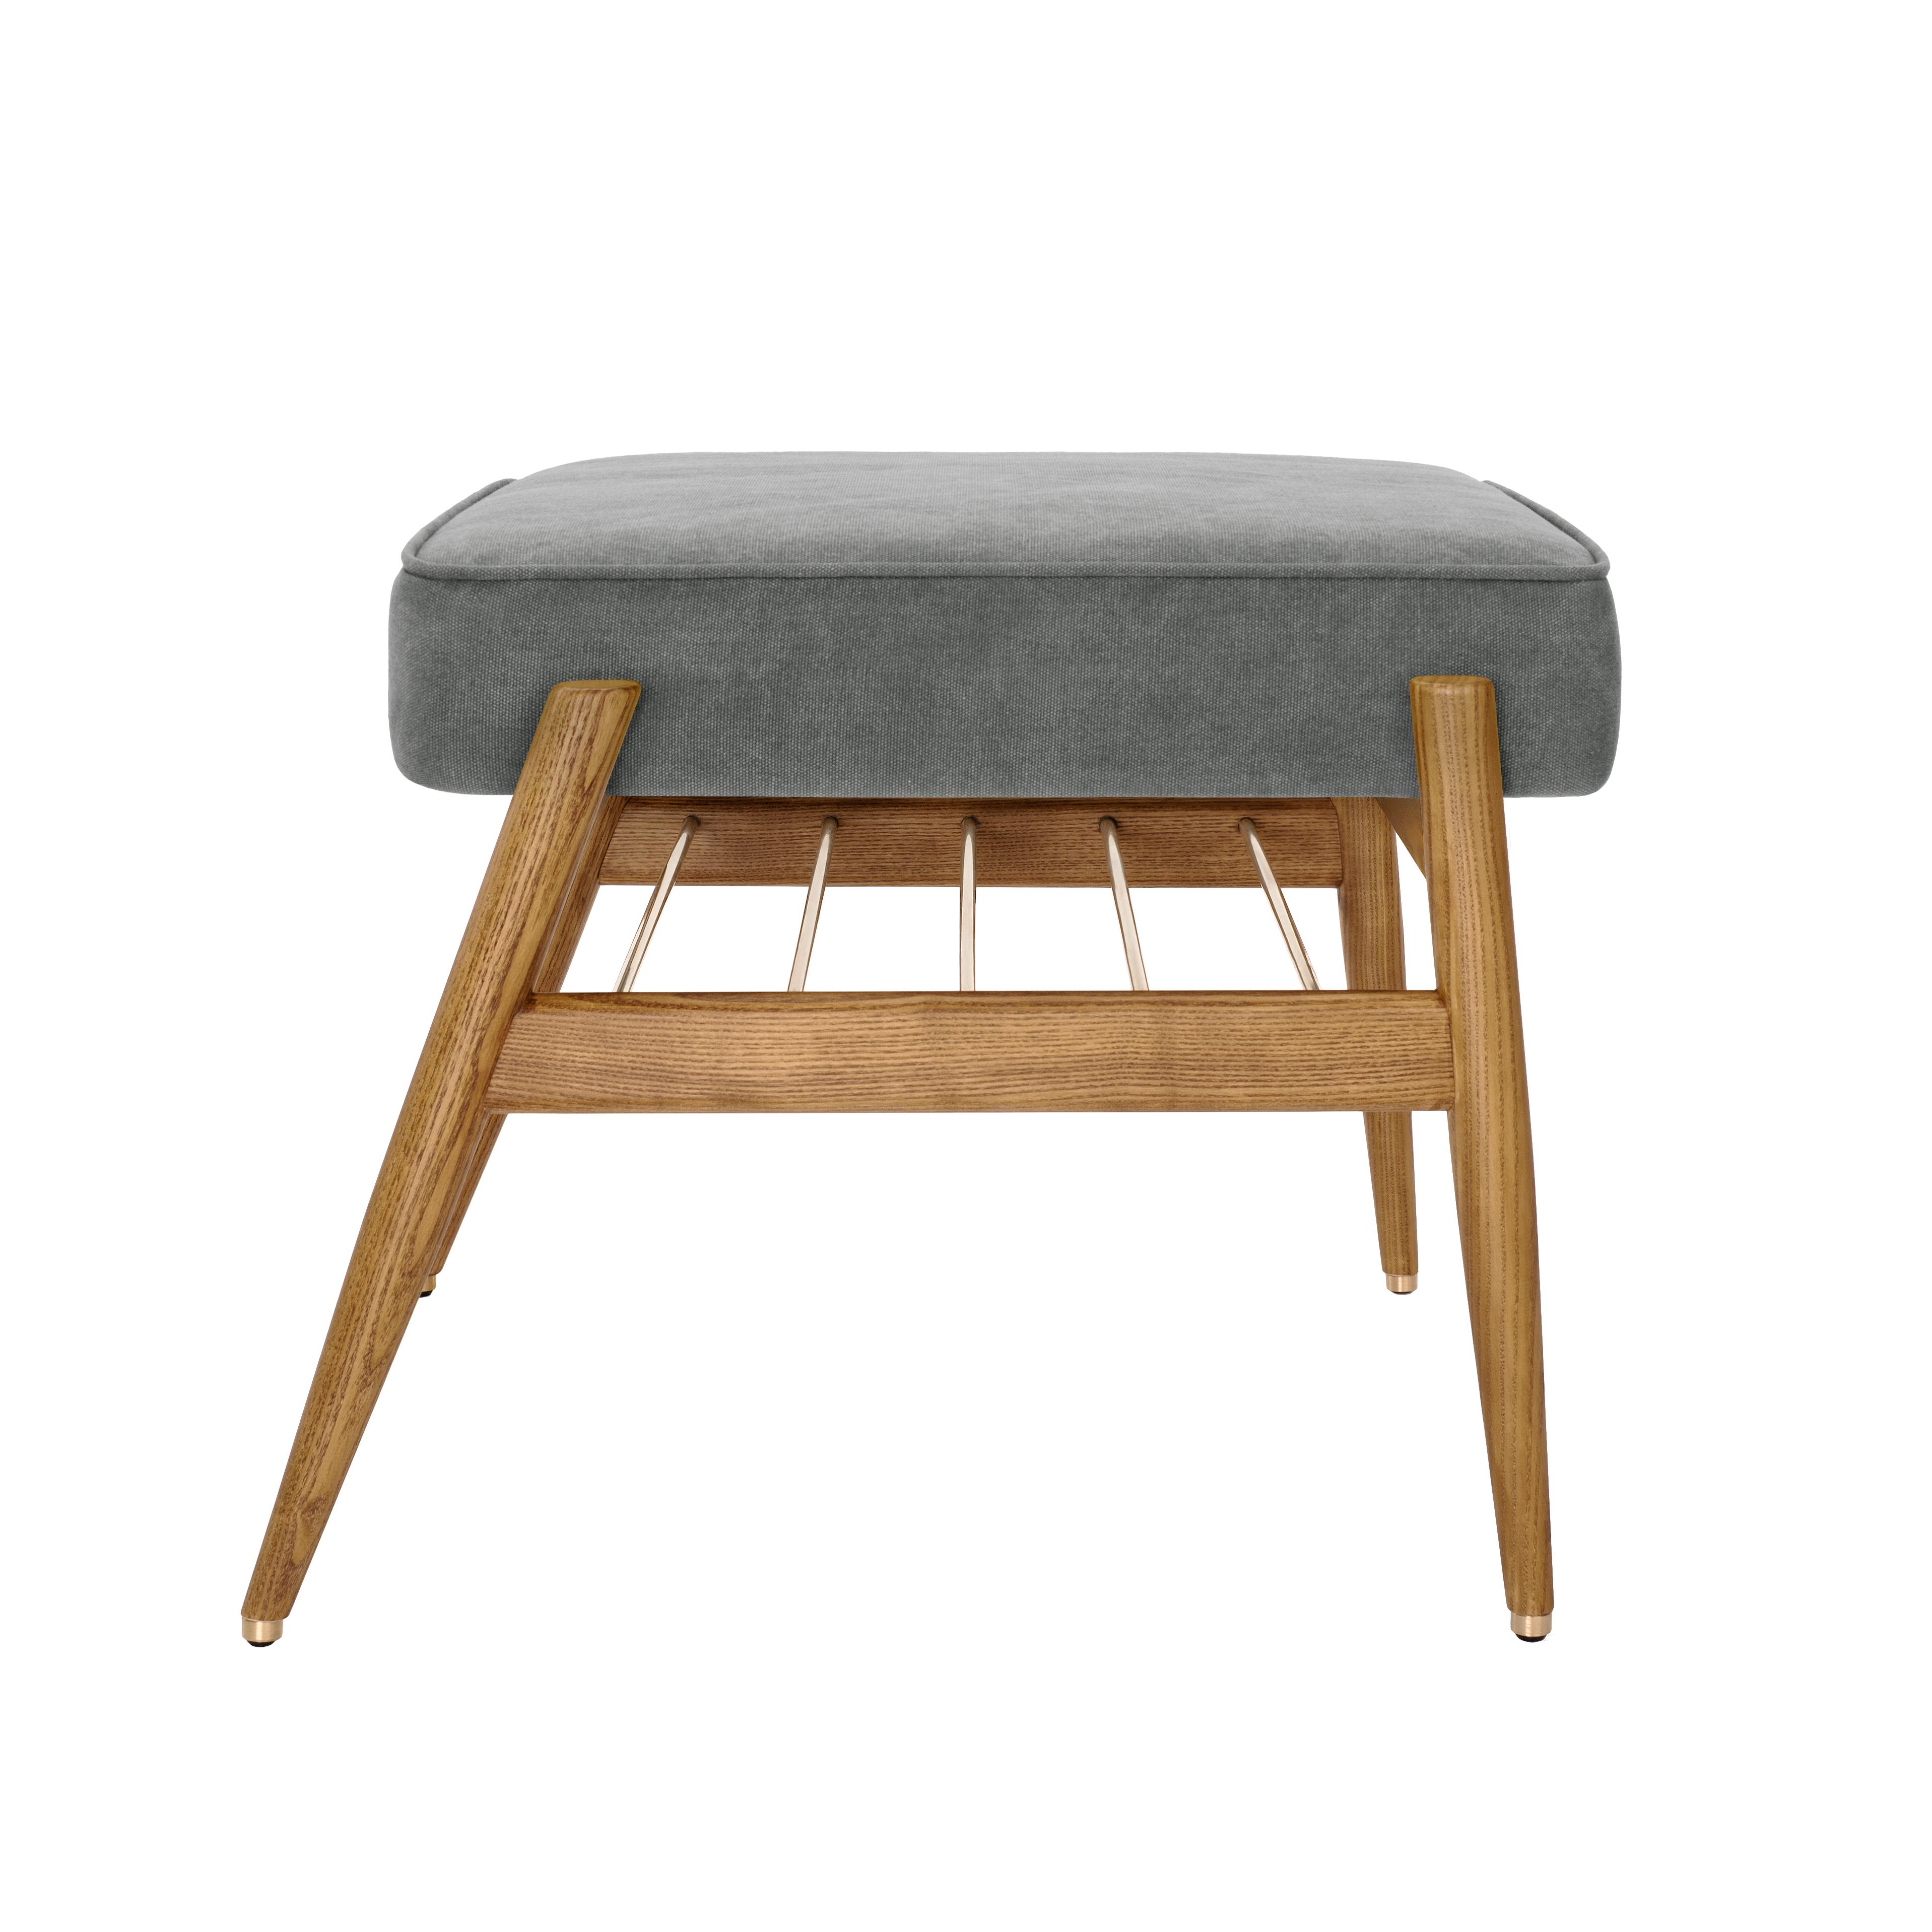 366-concept-footrest-ash-02-denim-dark-grey